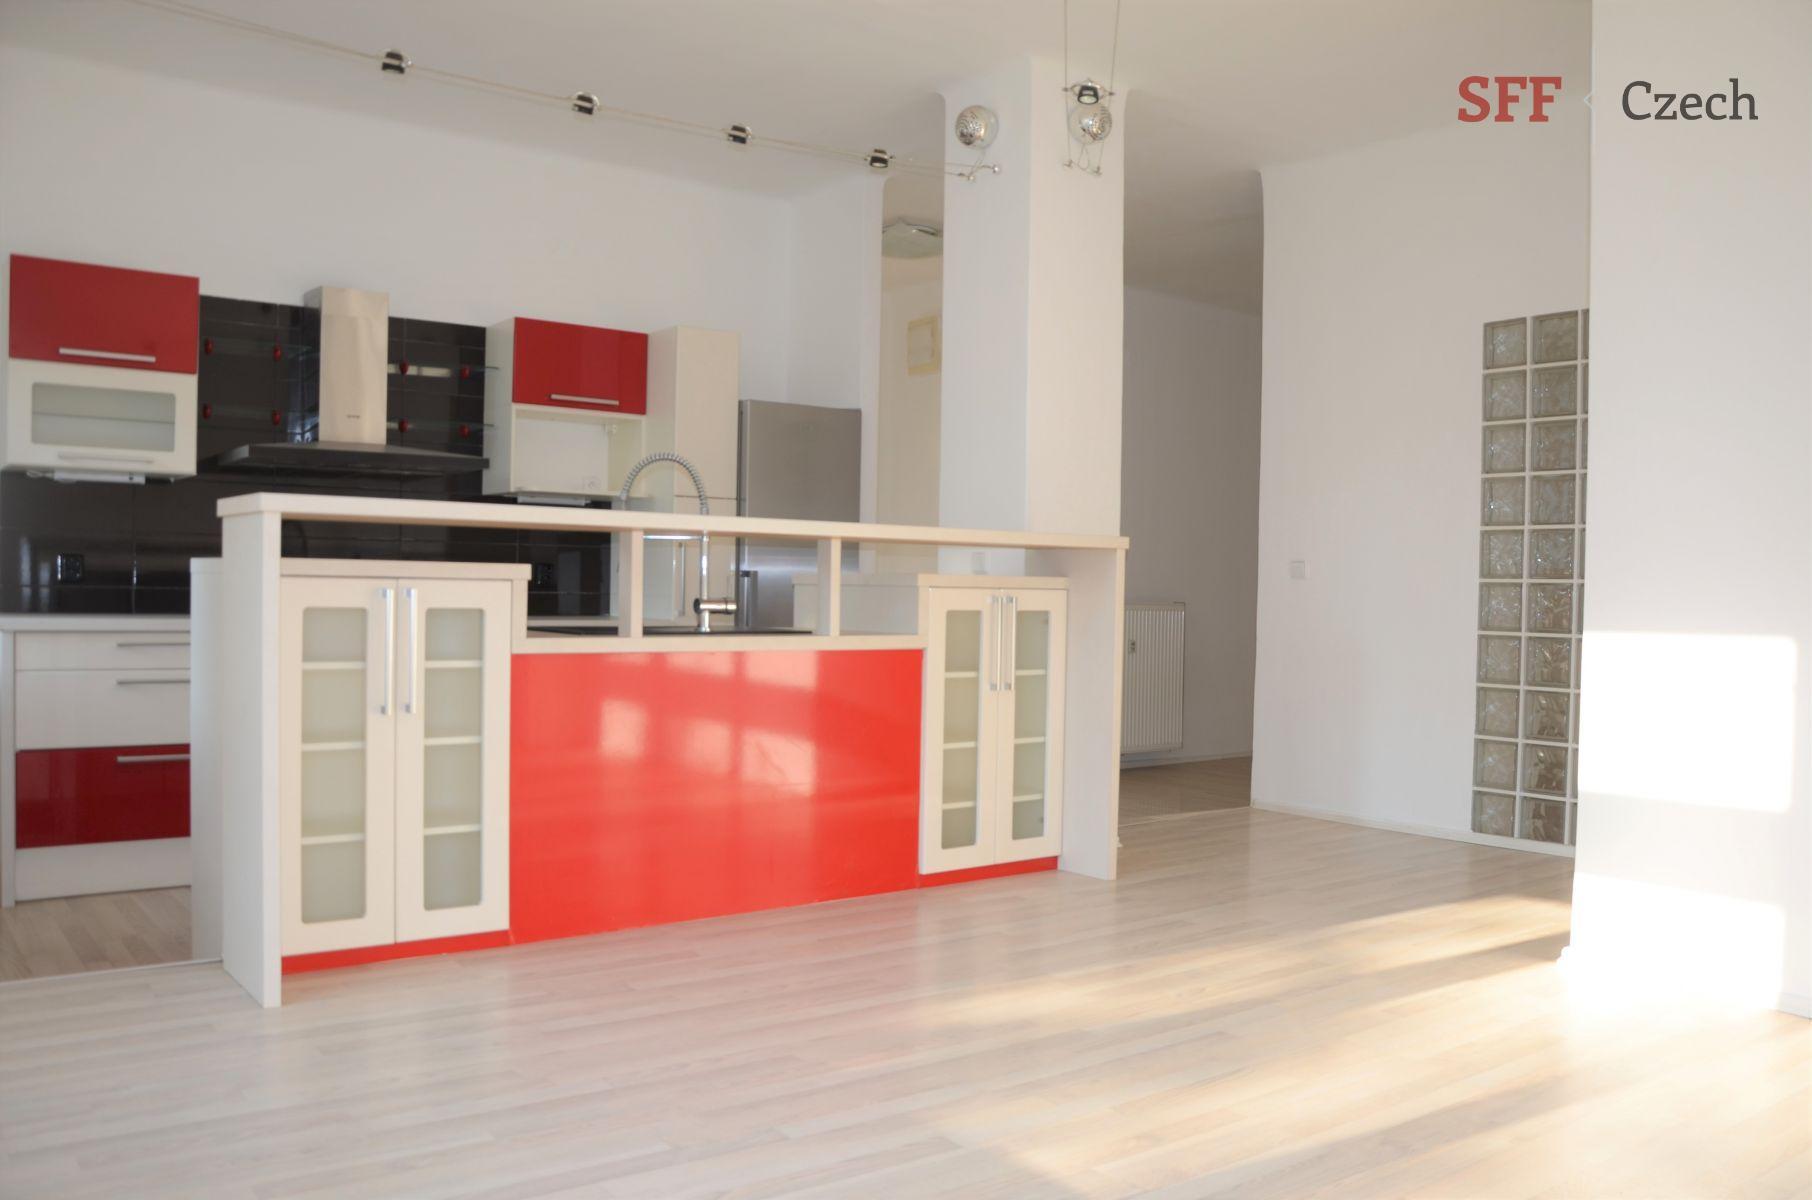 K pronájmu nezařízeny velmi pěkný byt 3+kk s balkónkem na Praze 5 Anděl Štěfánikova